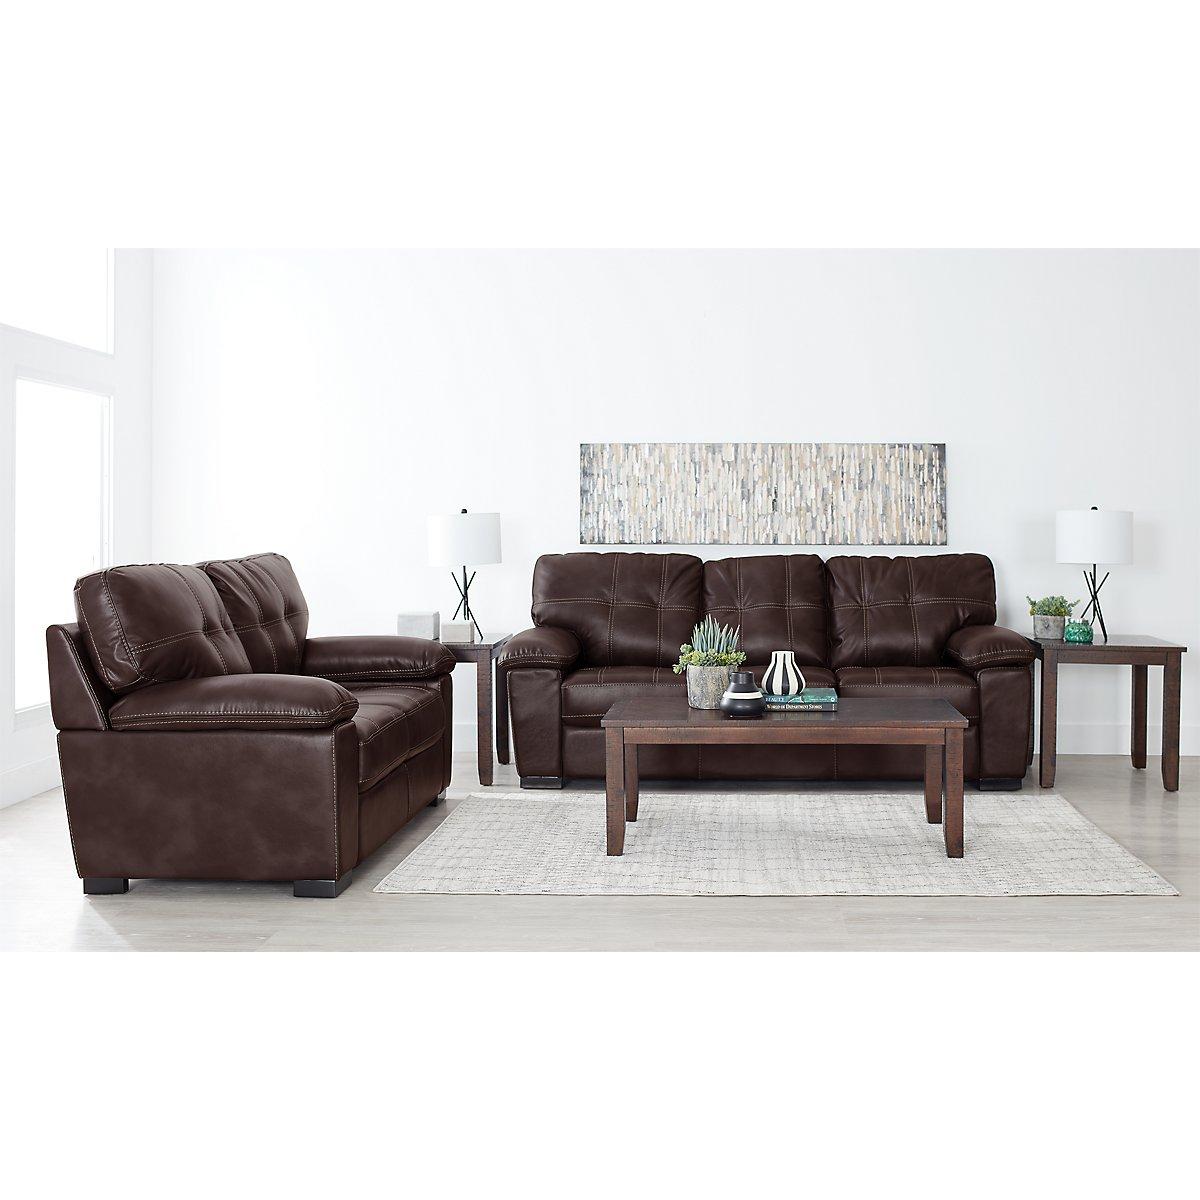 City Furniture: Henry Dark Brown Microfiber 7-Piece Living Room Package